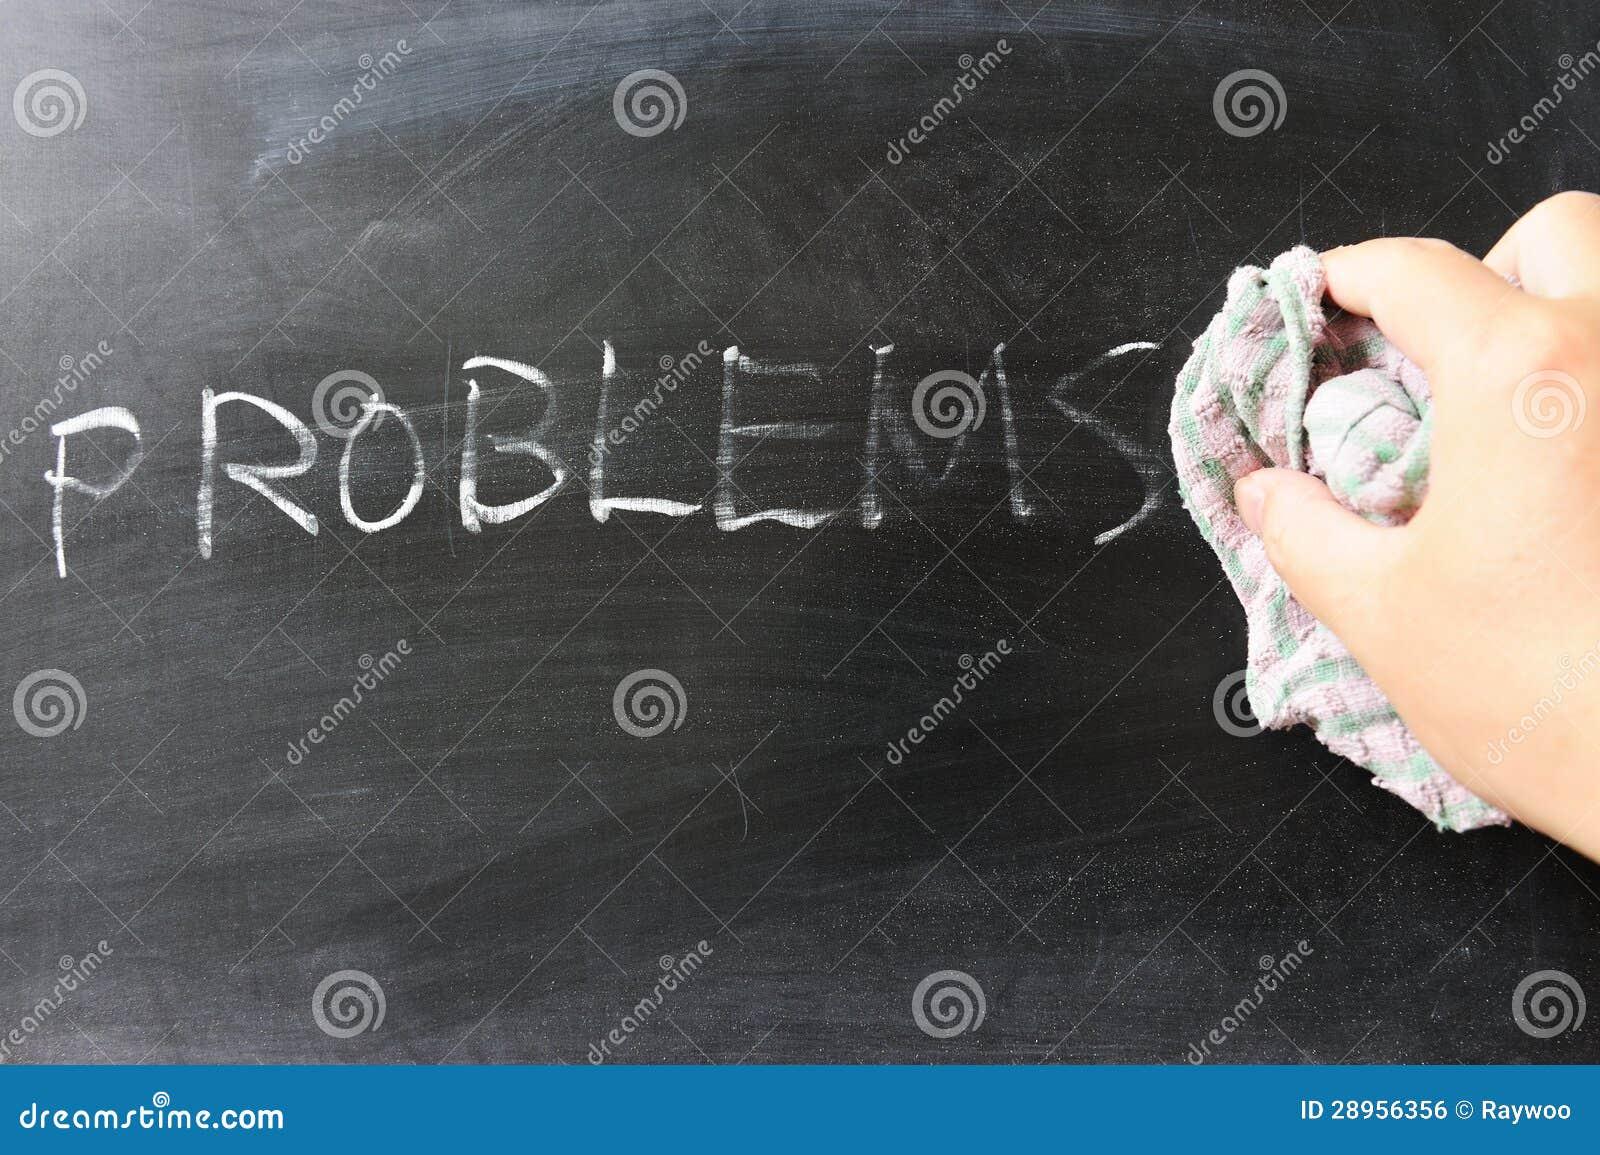 Wycierać z problemów